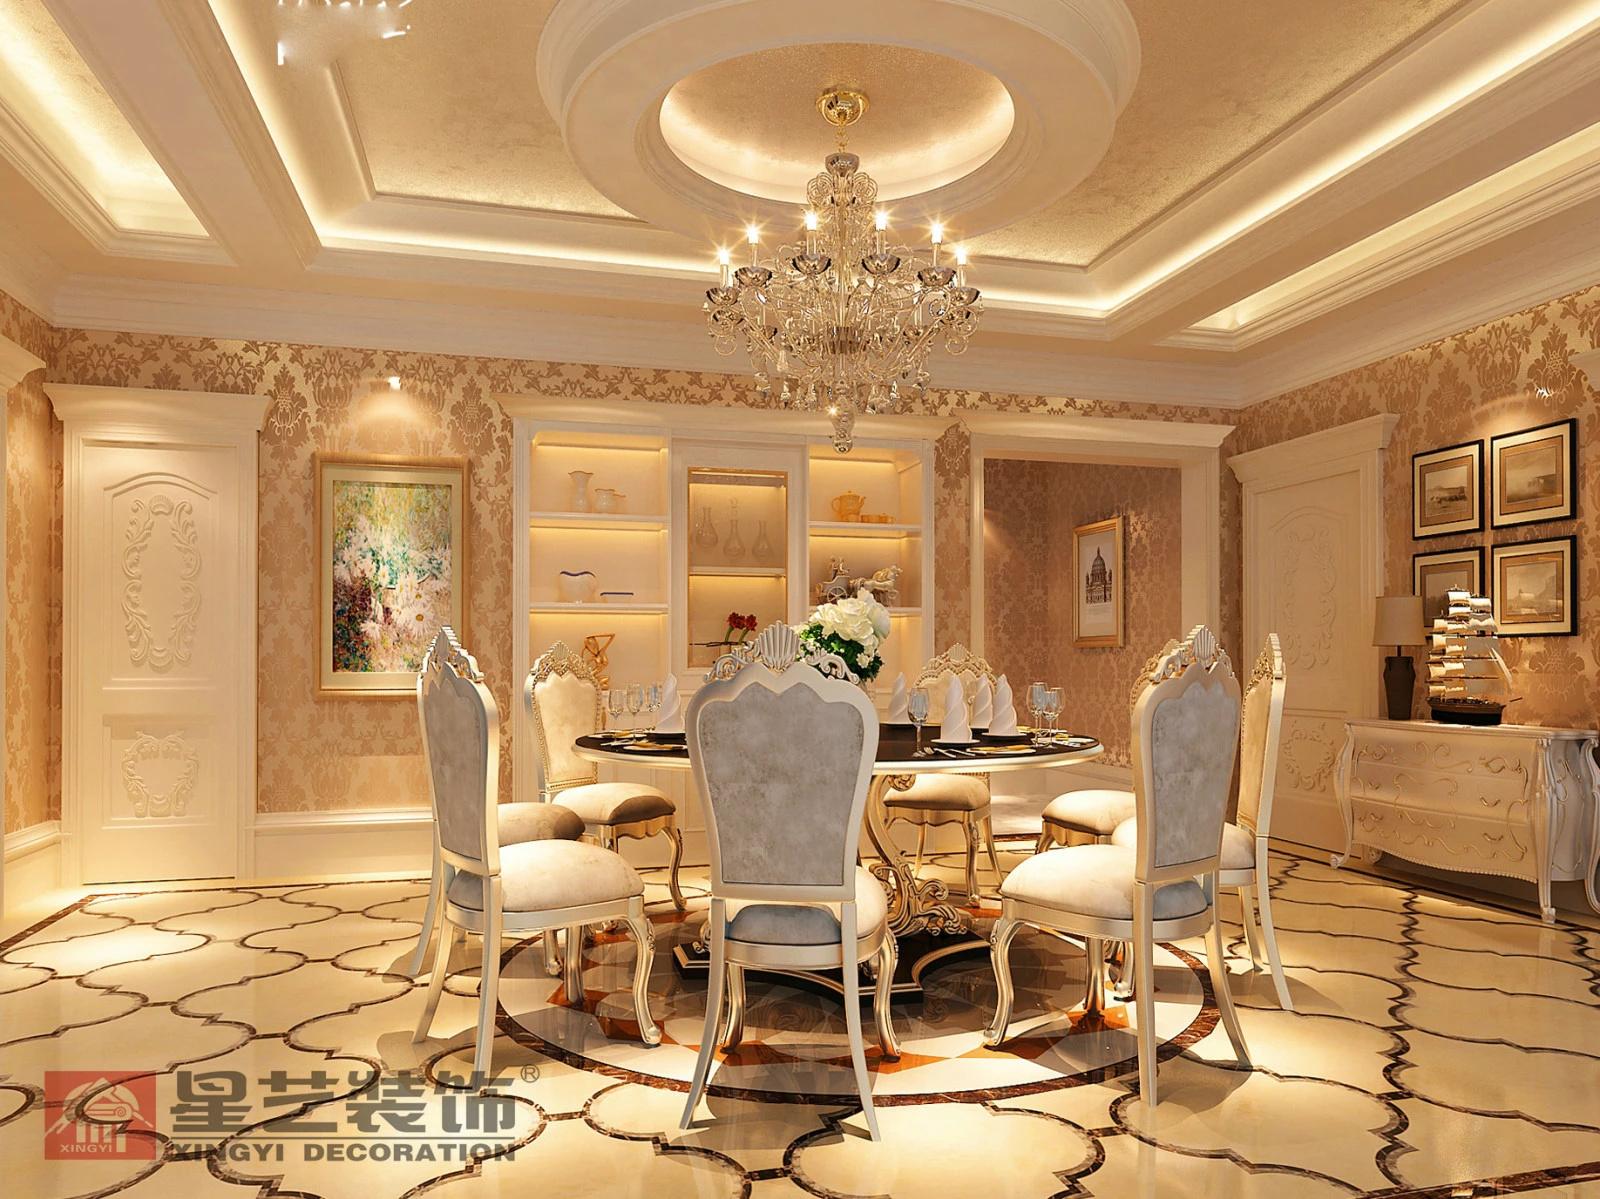 秦皇岛海滨450平米别墅装修后现代奢华风格案例